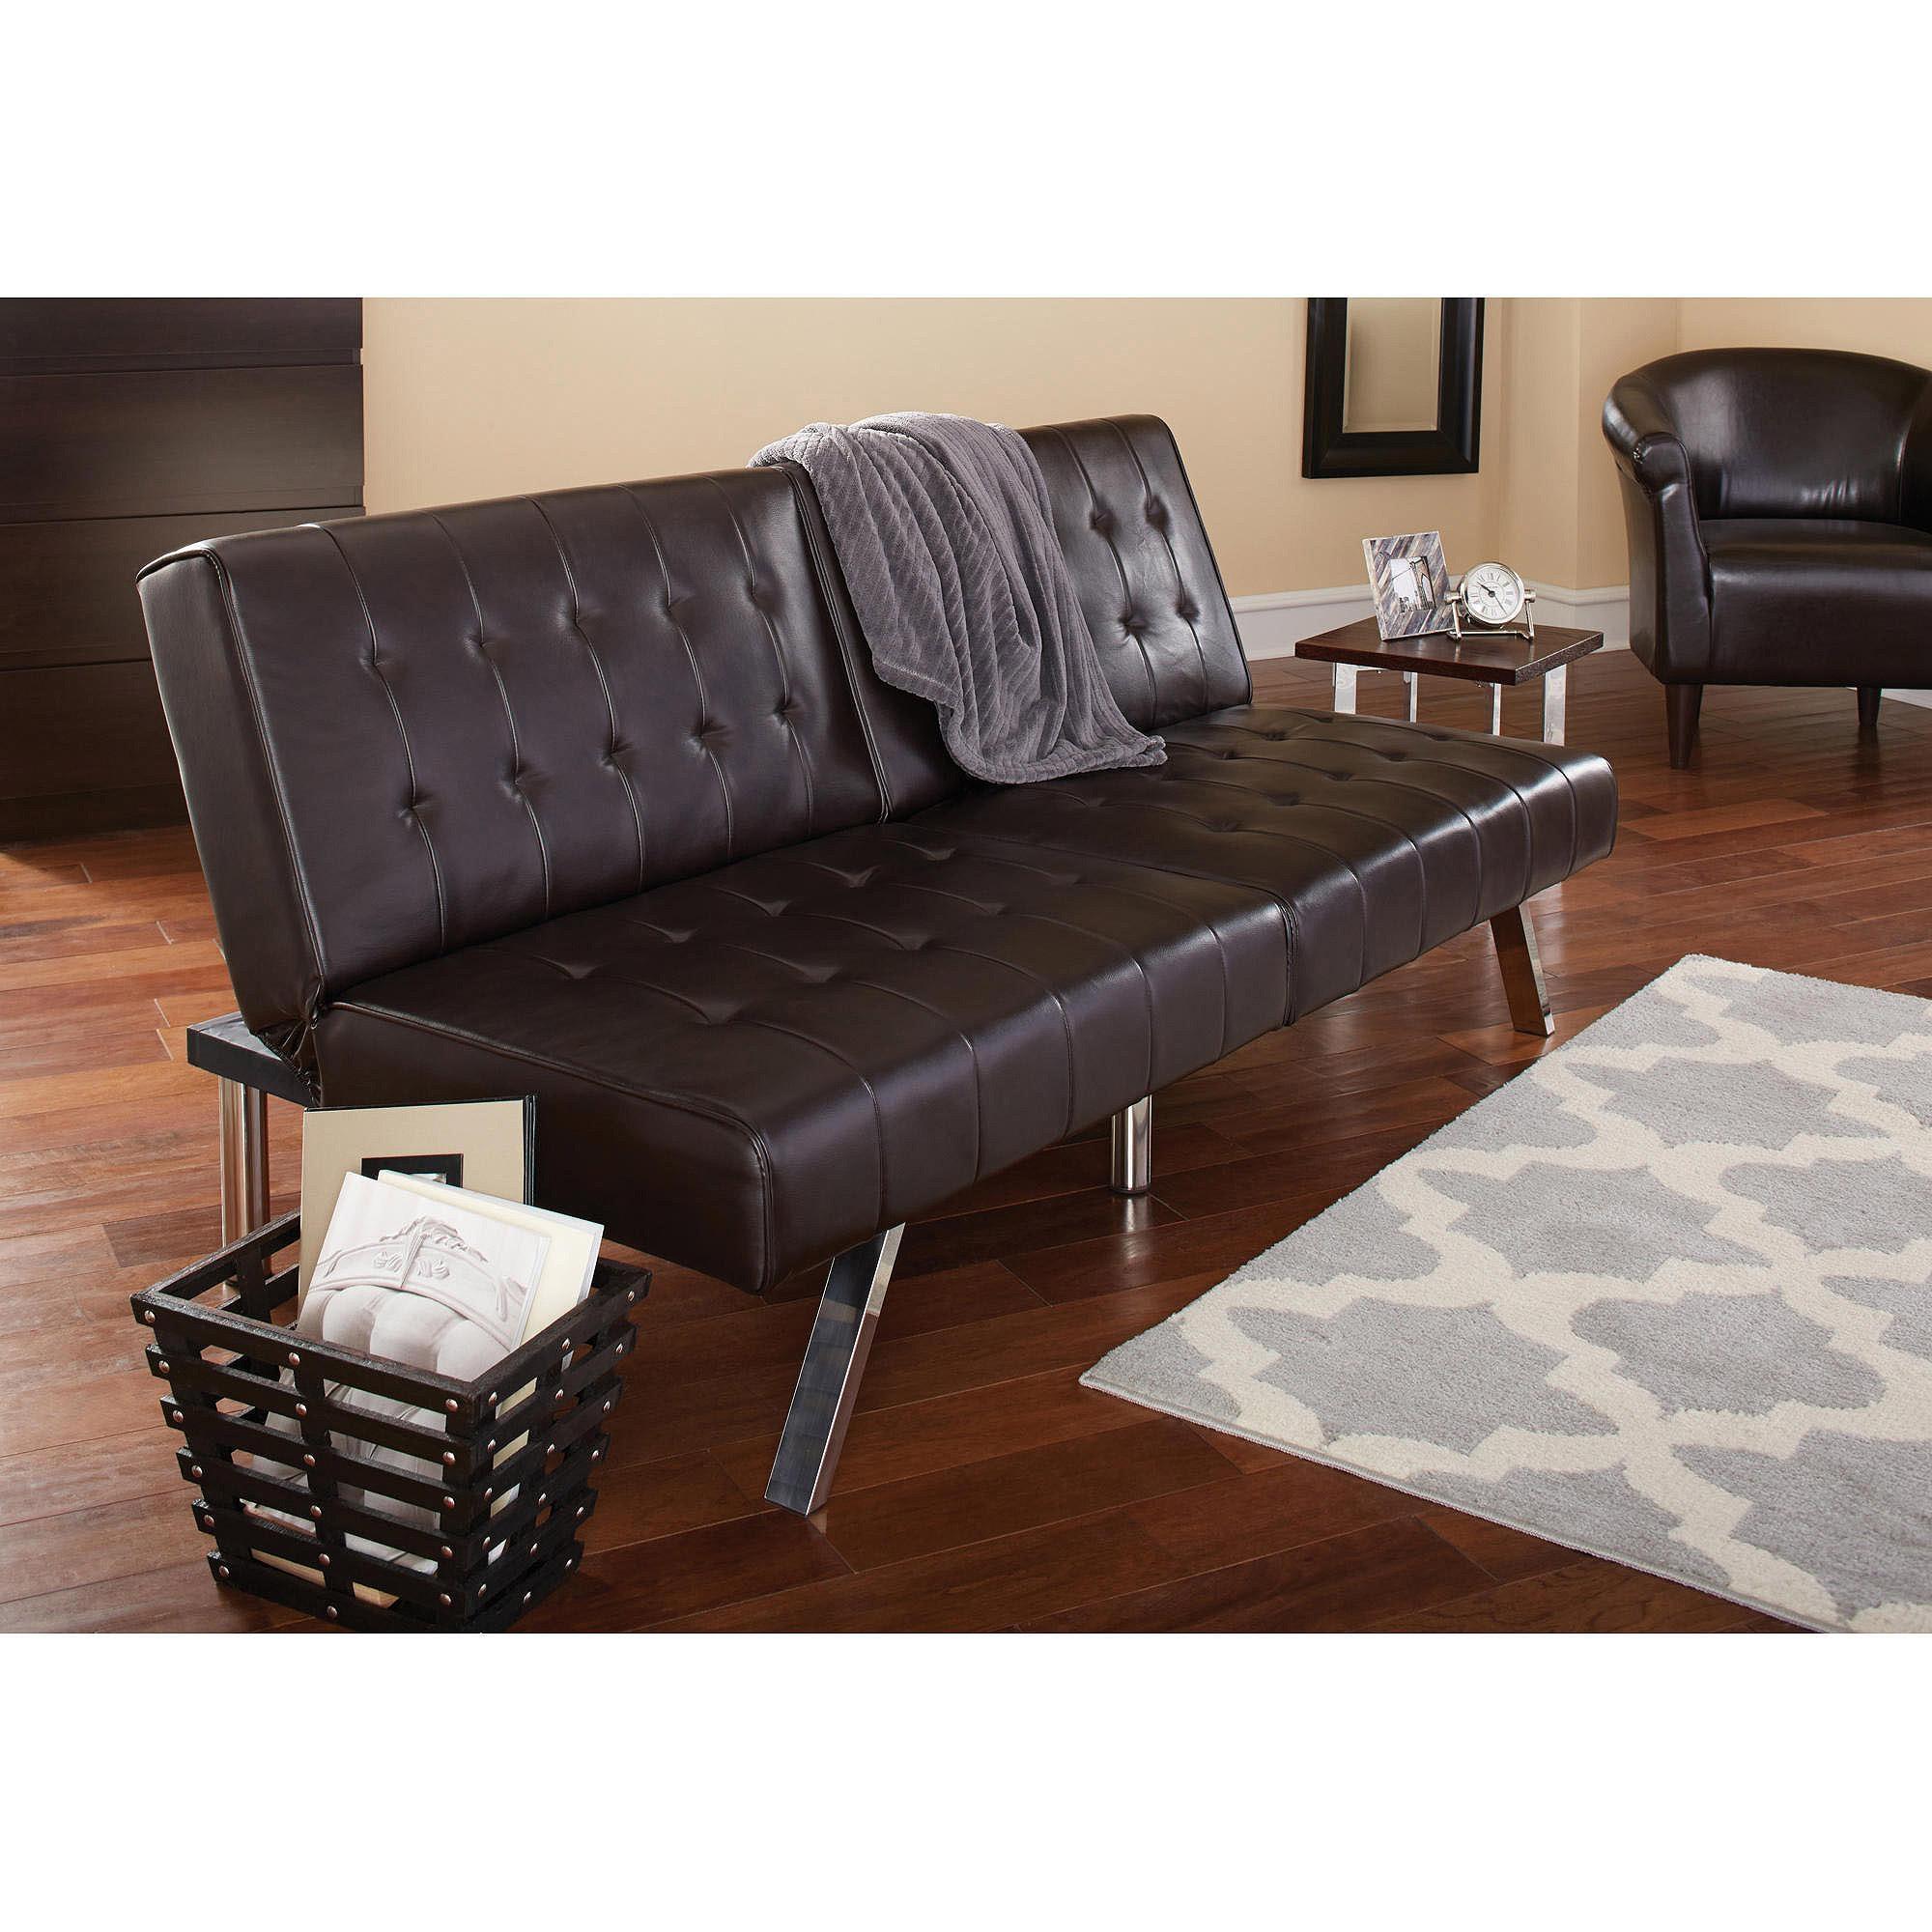 Elegant Craigslist Sleeper Sofa 72 With Additional Modern Sofa With Craigslist Sleeper Sofa (Image 12 of 15)